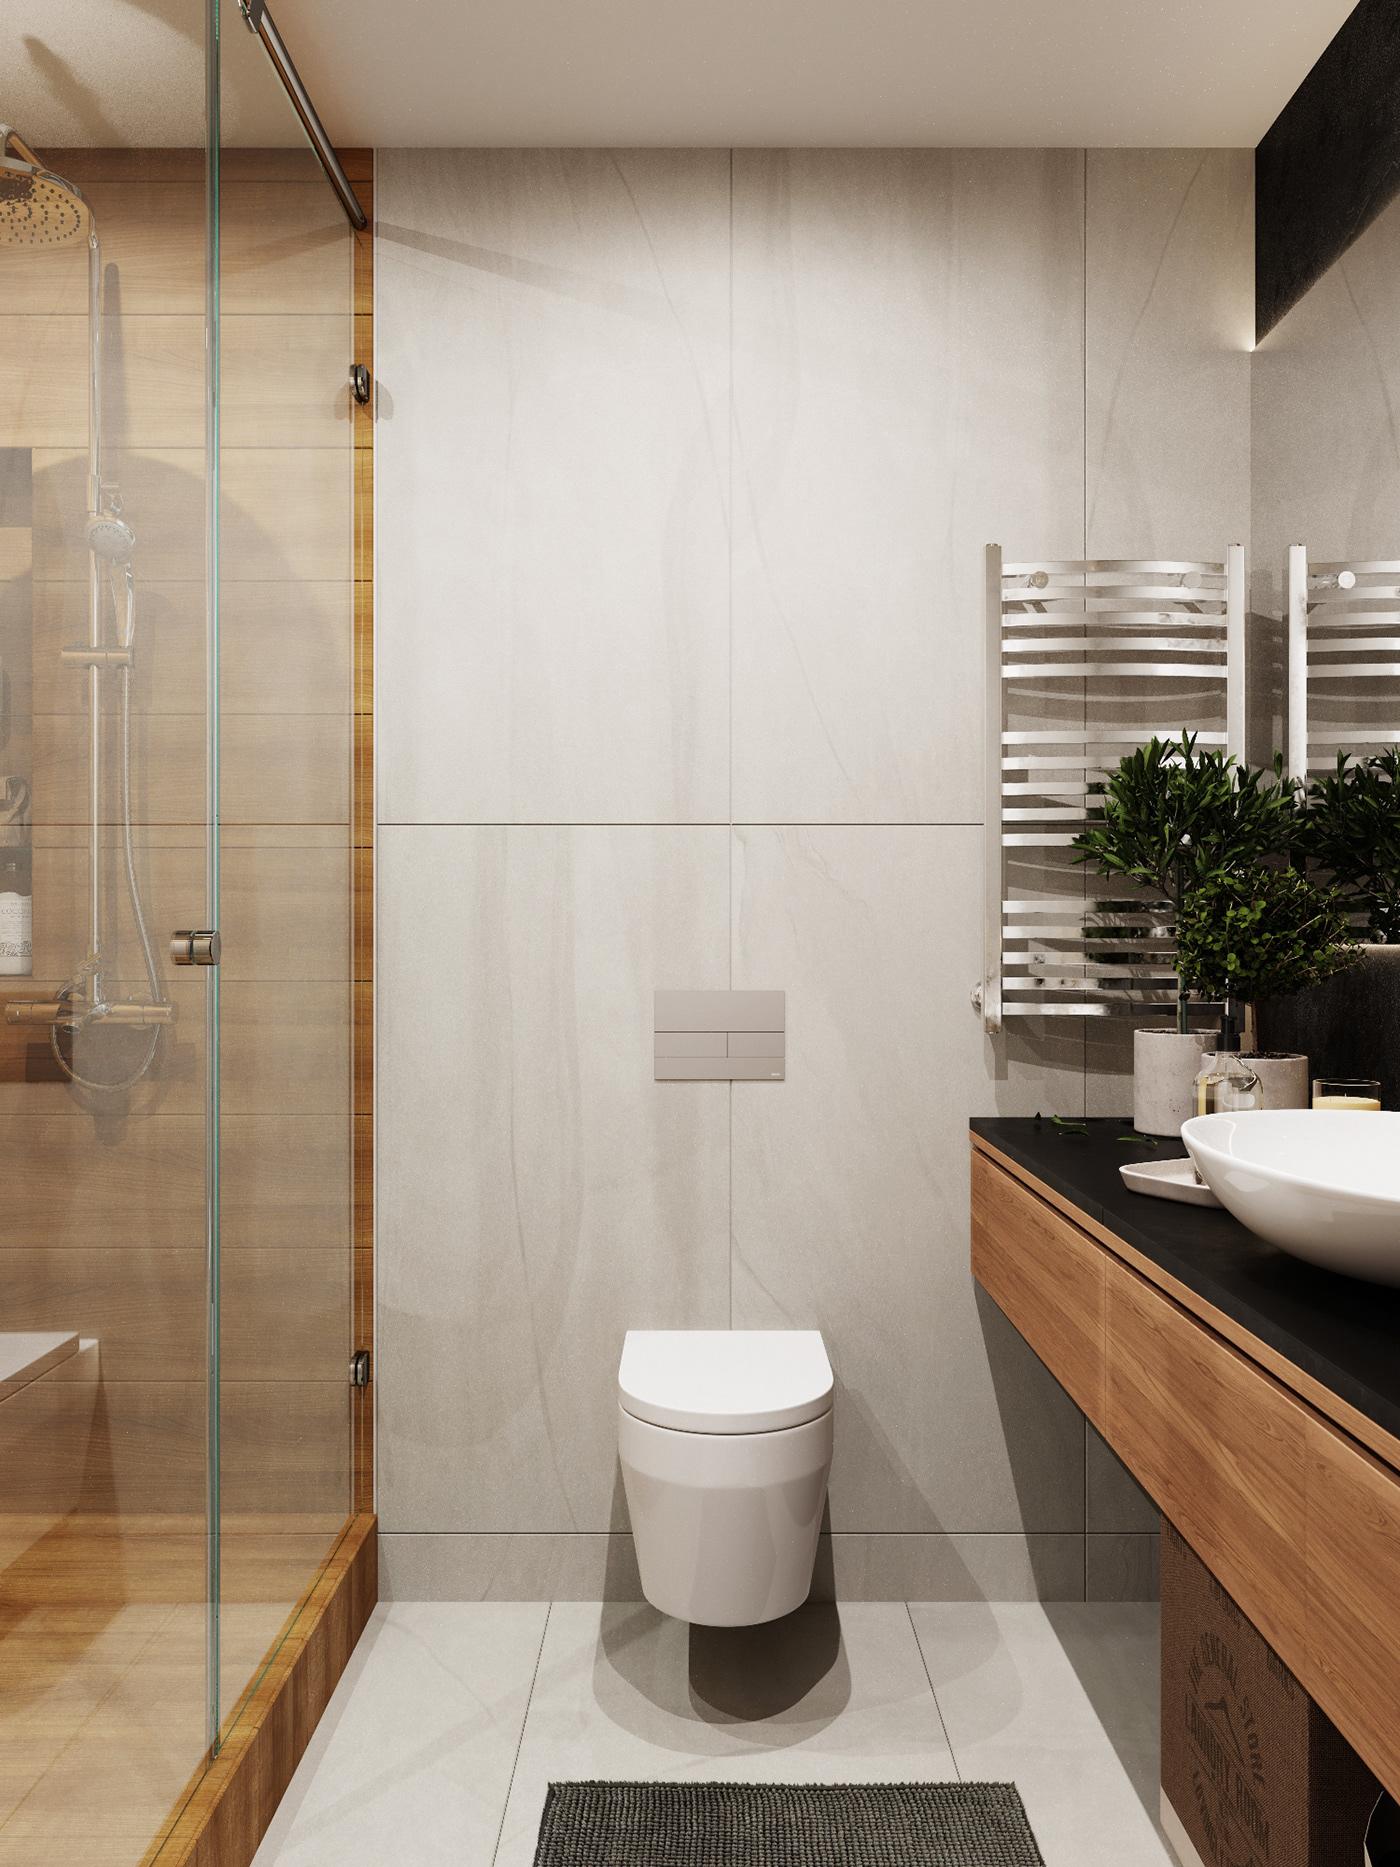 thiết kế căn hộ chung cư 2 phòng ngủ